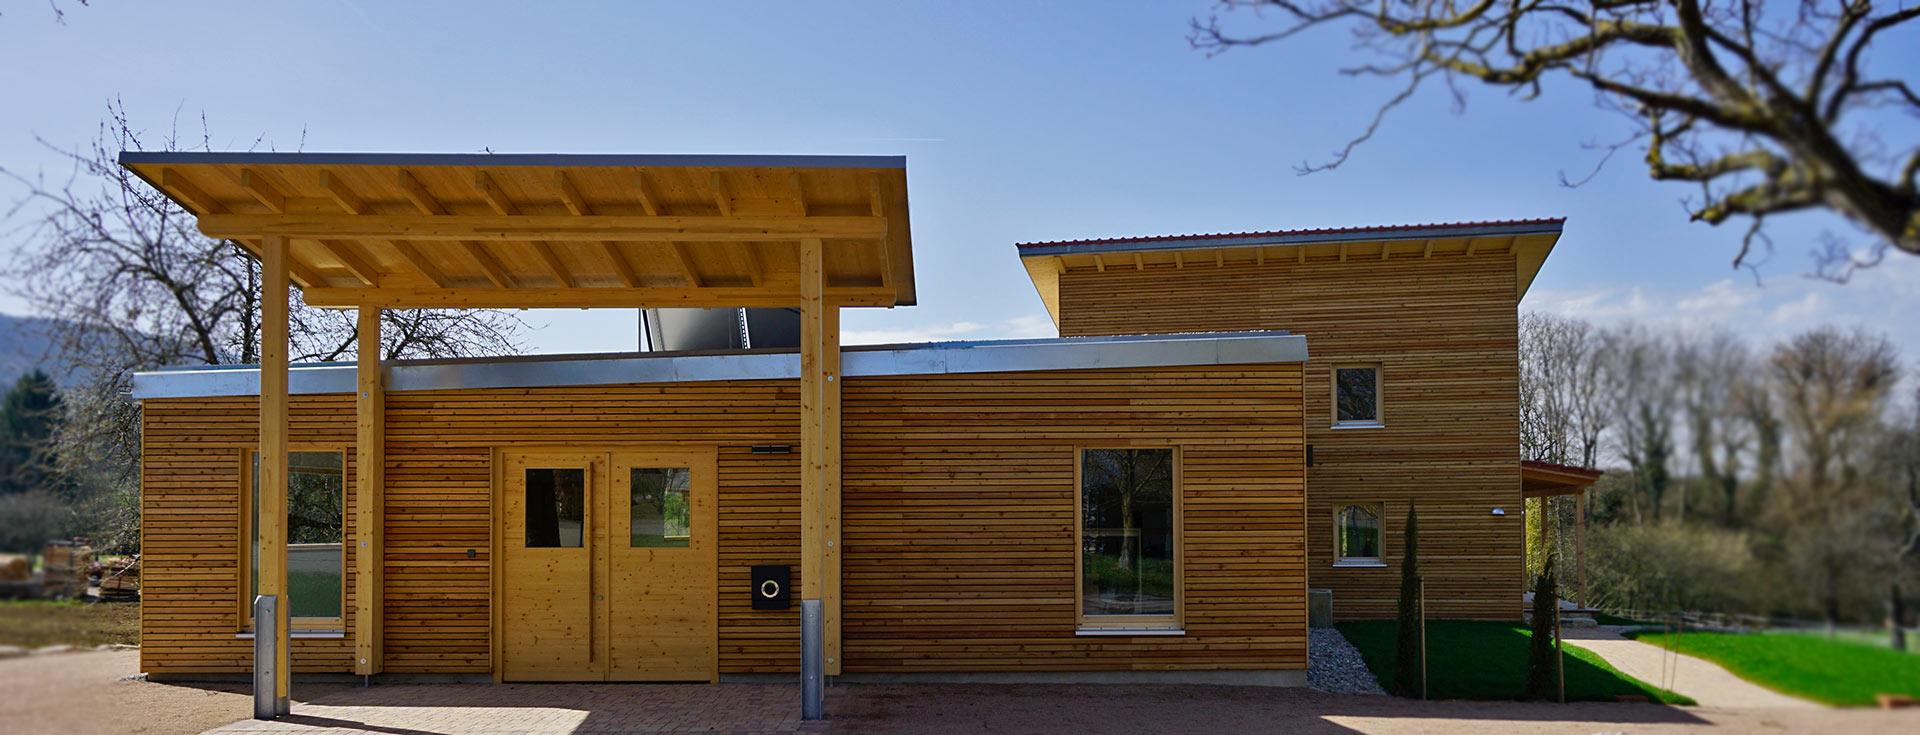 Holzgebäude Wolf Holzbau Bad Krozingen